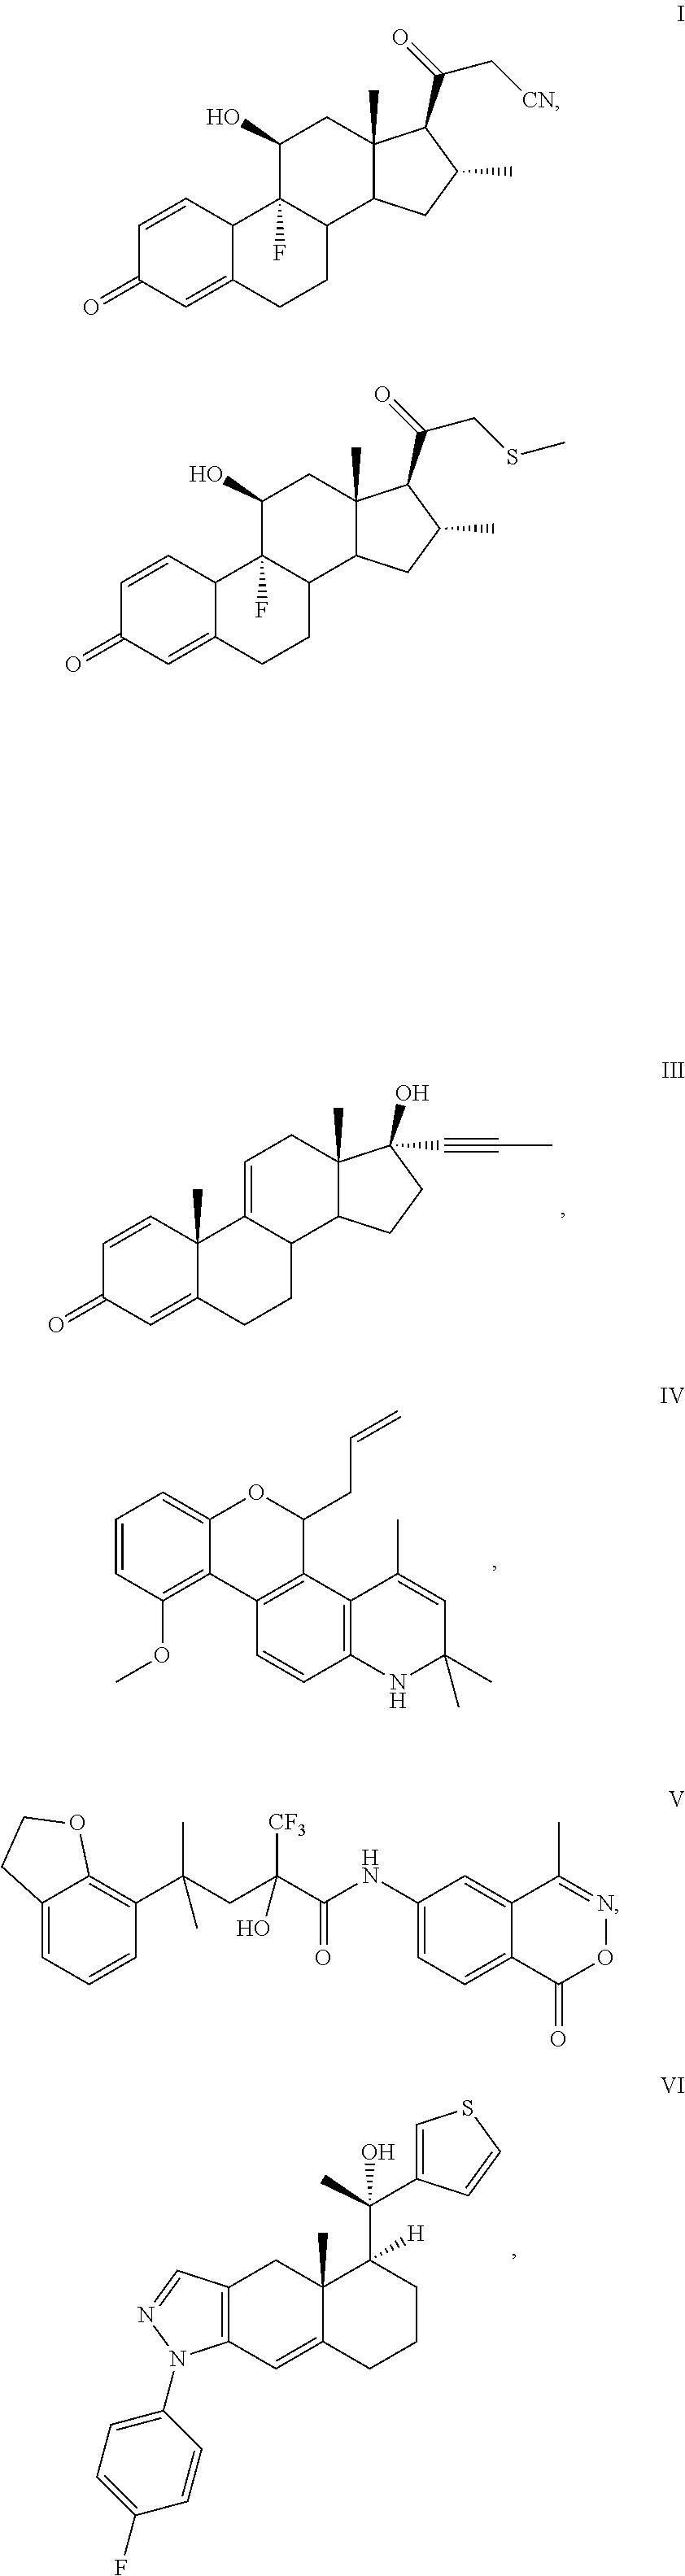 Figure US09126997-20150908-C00007